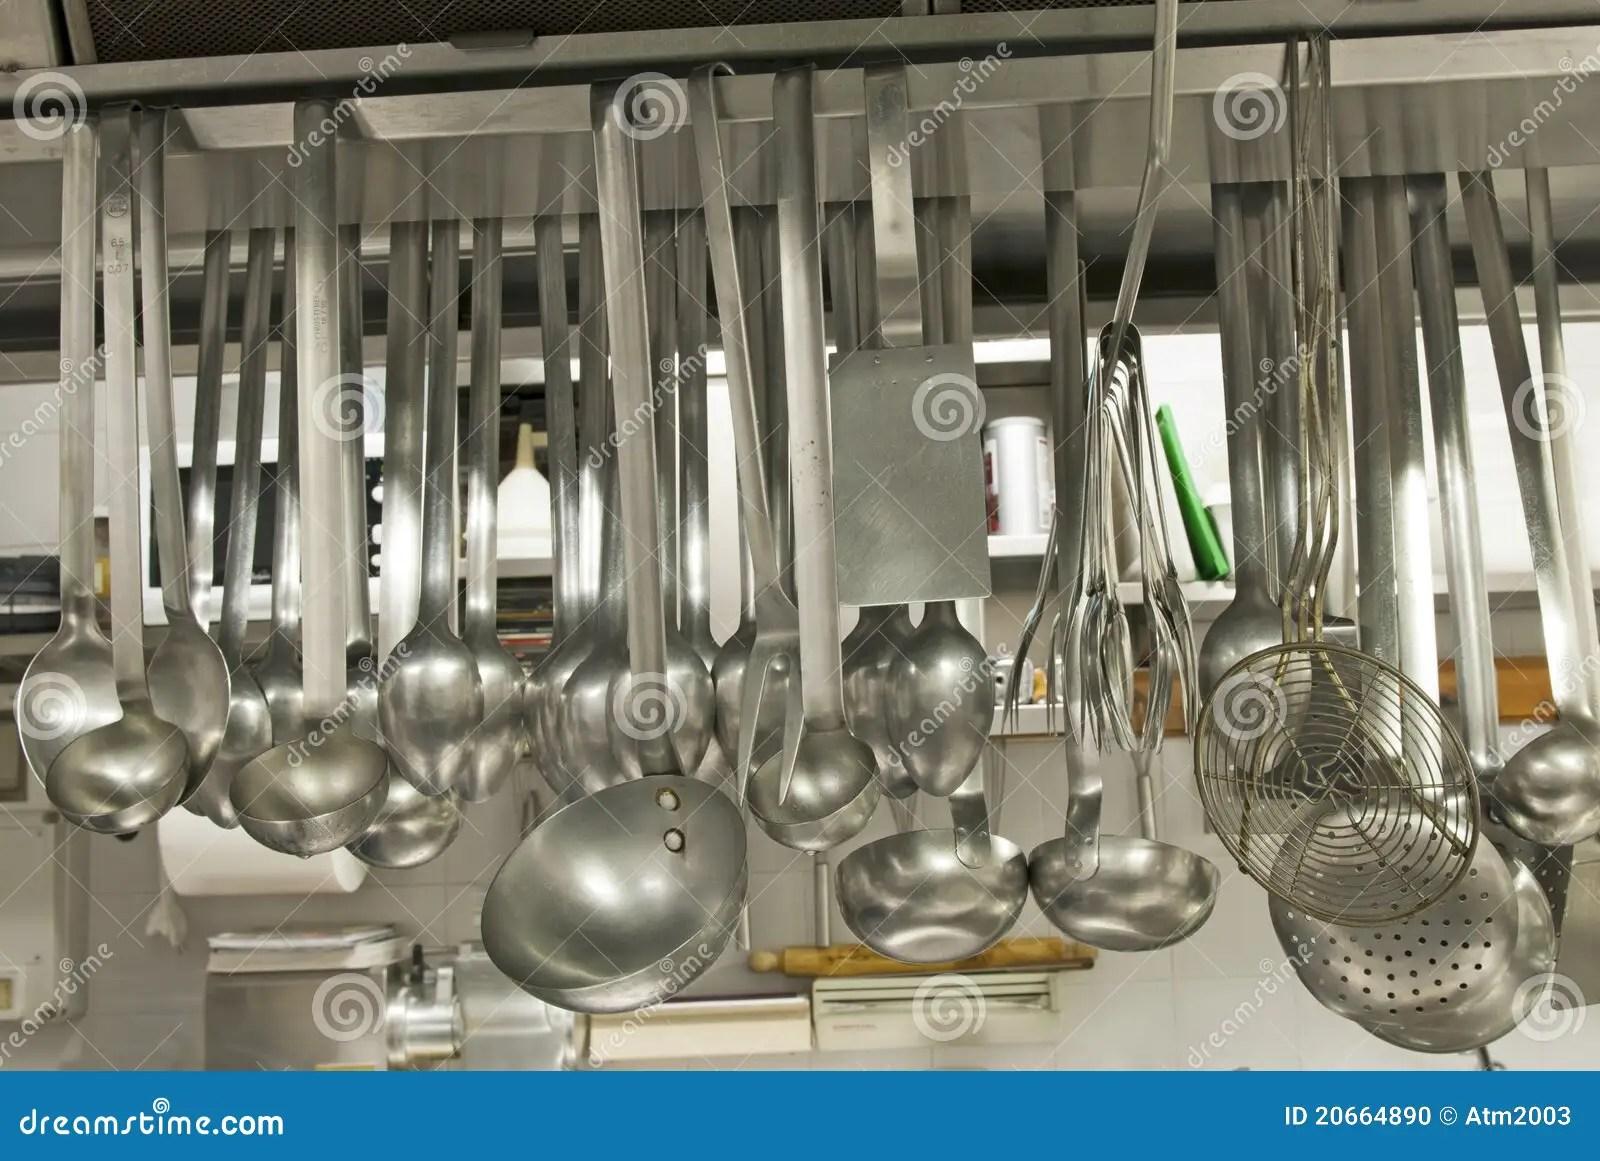 Utensilios En Un Restaurante De La Cocina Foto de archivo